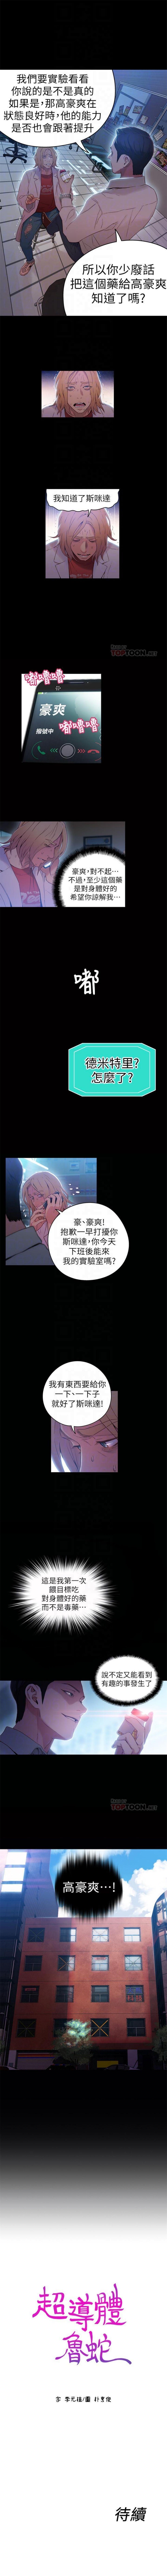 超導體魯蛇 1-41 官方中文(連載中) 138